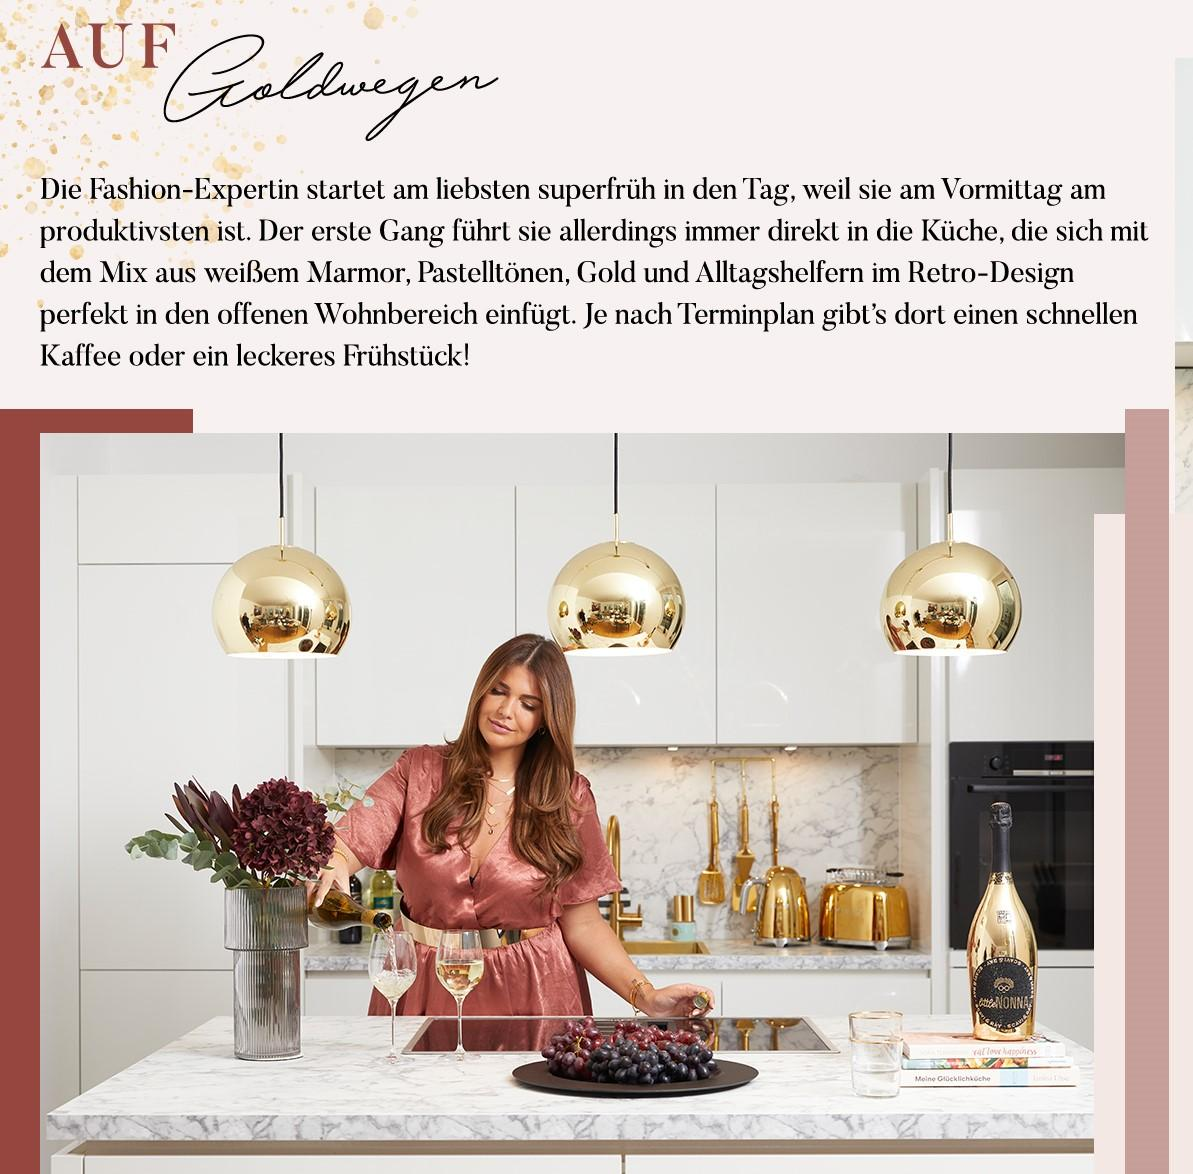 Novalanalove in ihrer Küche am Tresen beim Champagner Einschenken, darüber Infotext